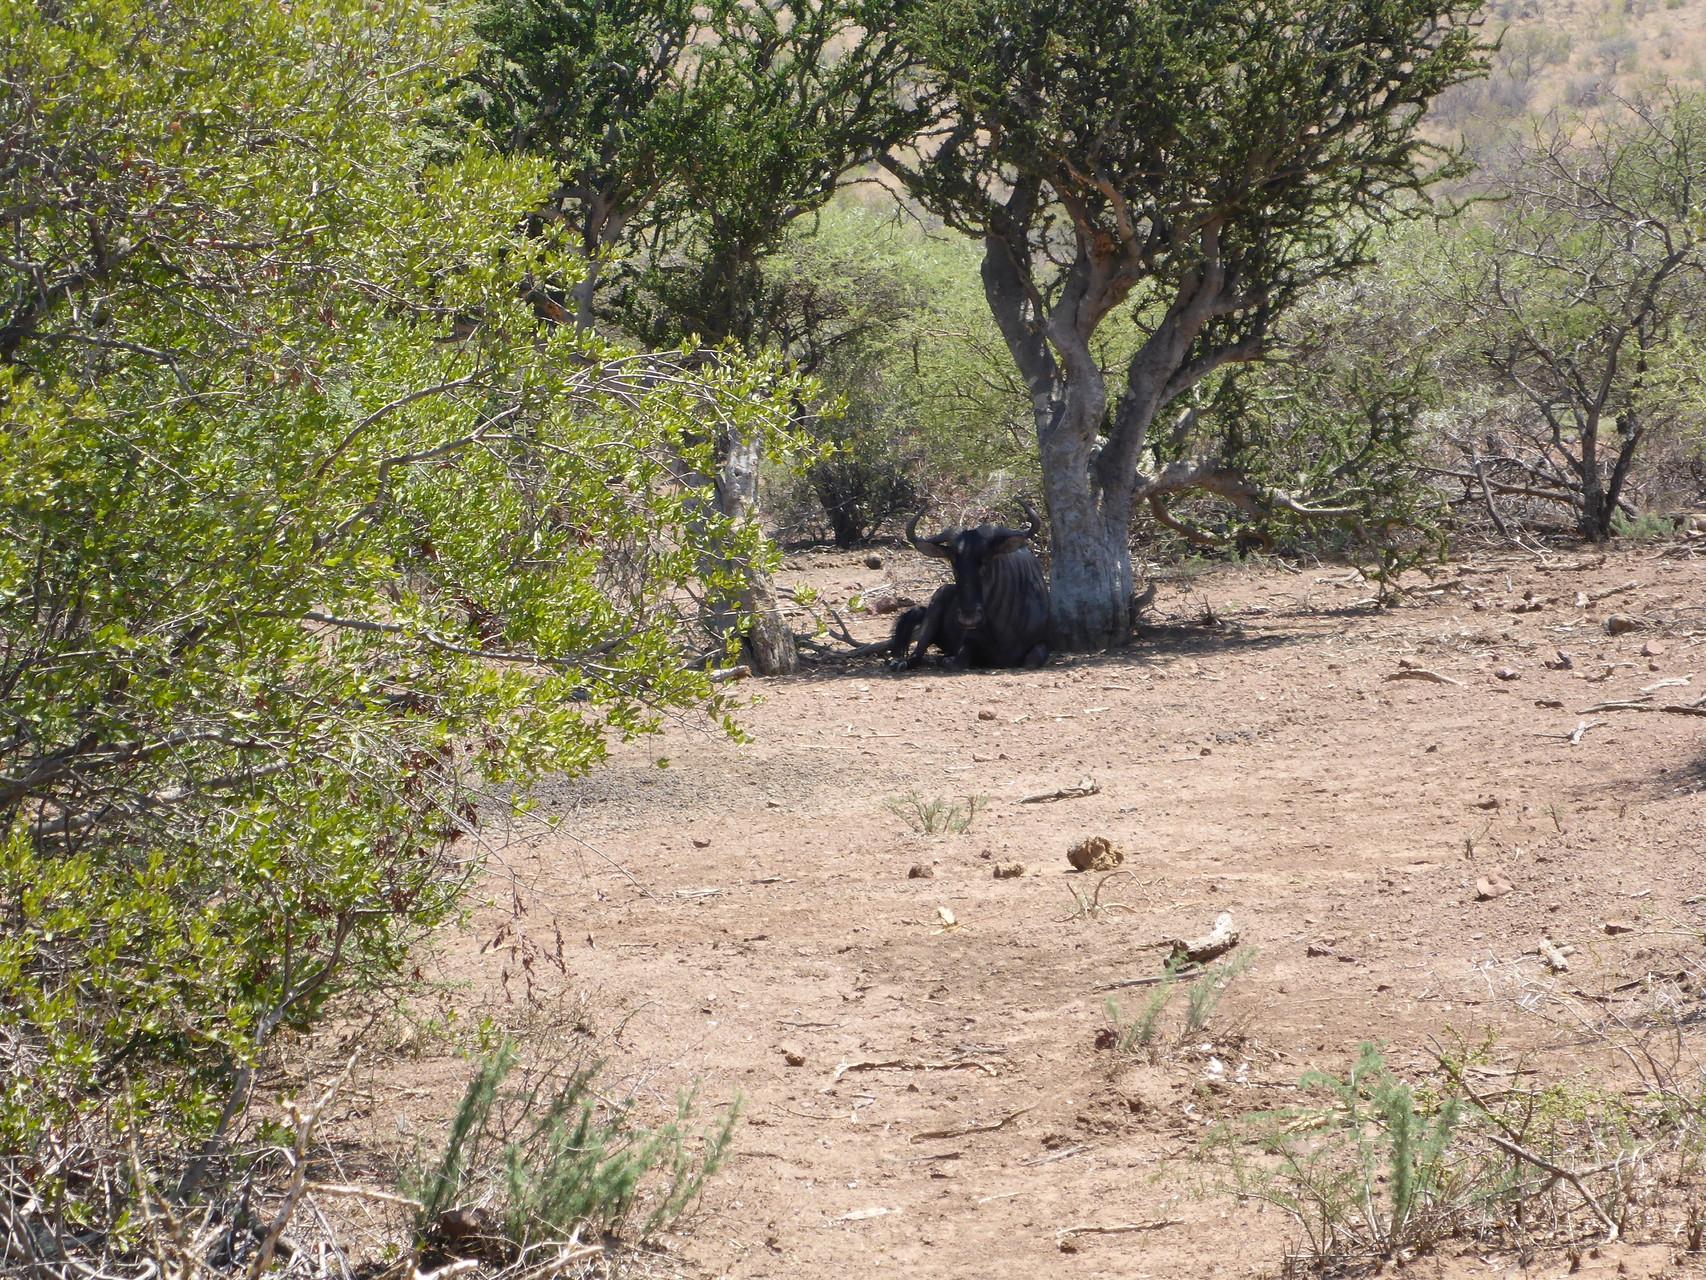 Another blue wildebeest..